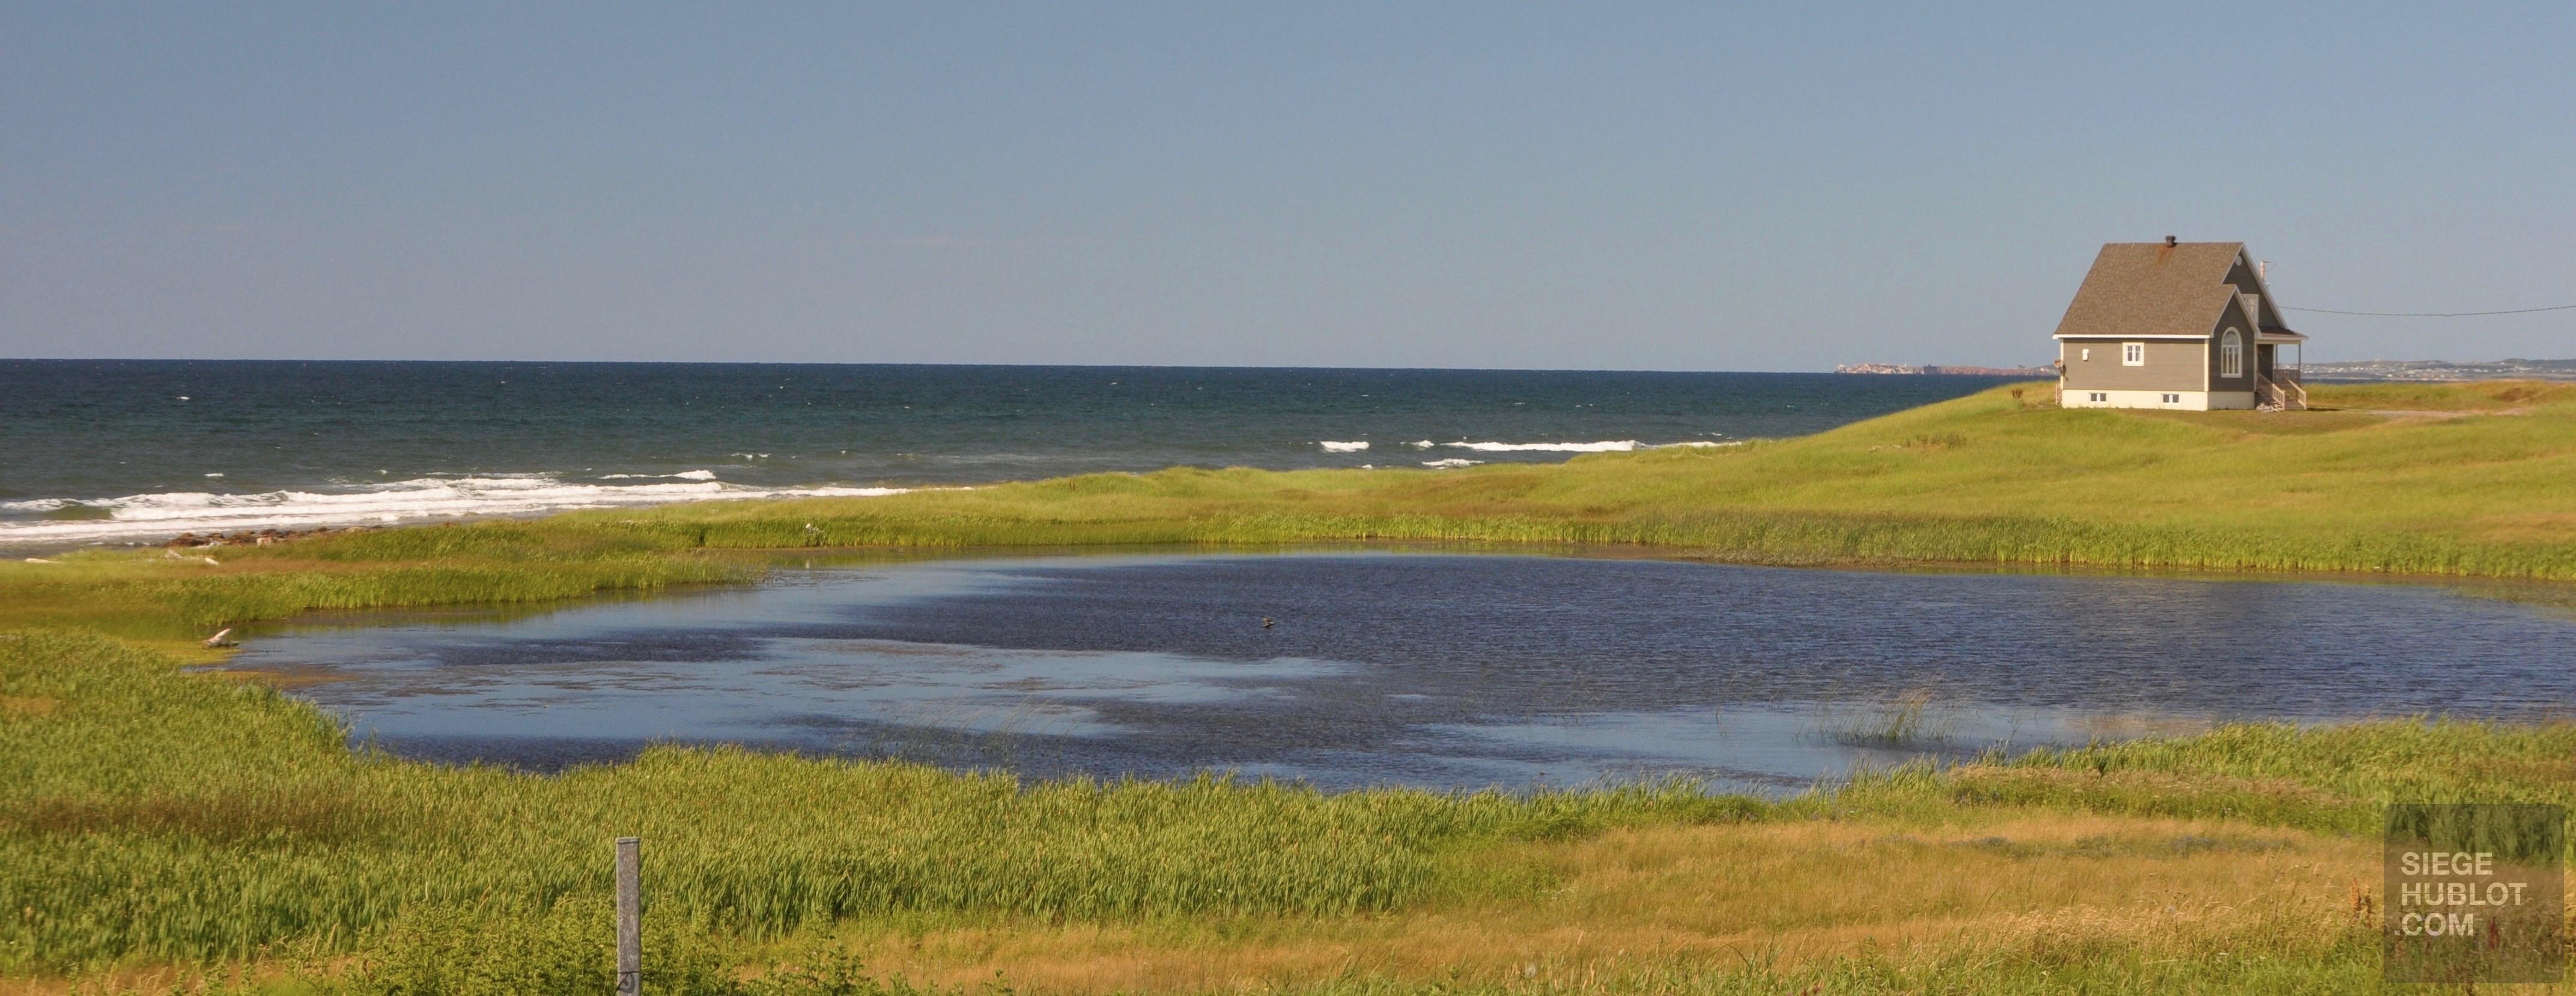 Goûter les Iles - rode-trip, quebec, featured, destinations, canada, amerique-du-nord